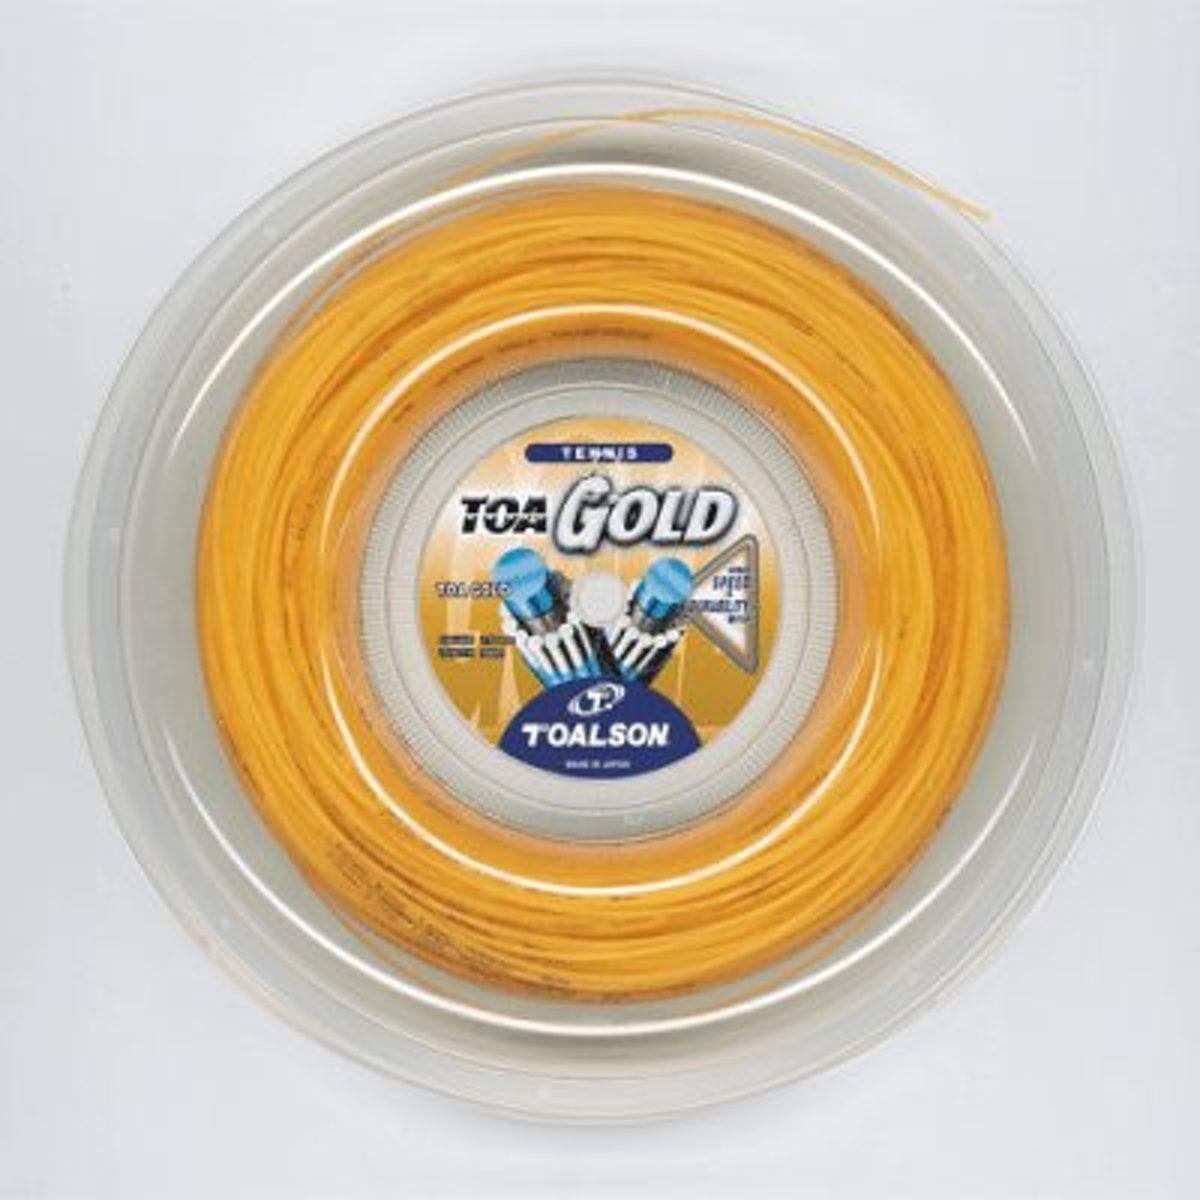 Toalson Toa Gold snaar 200m 1.30mm kopen